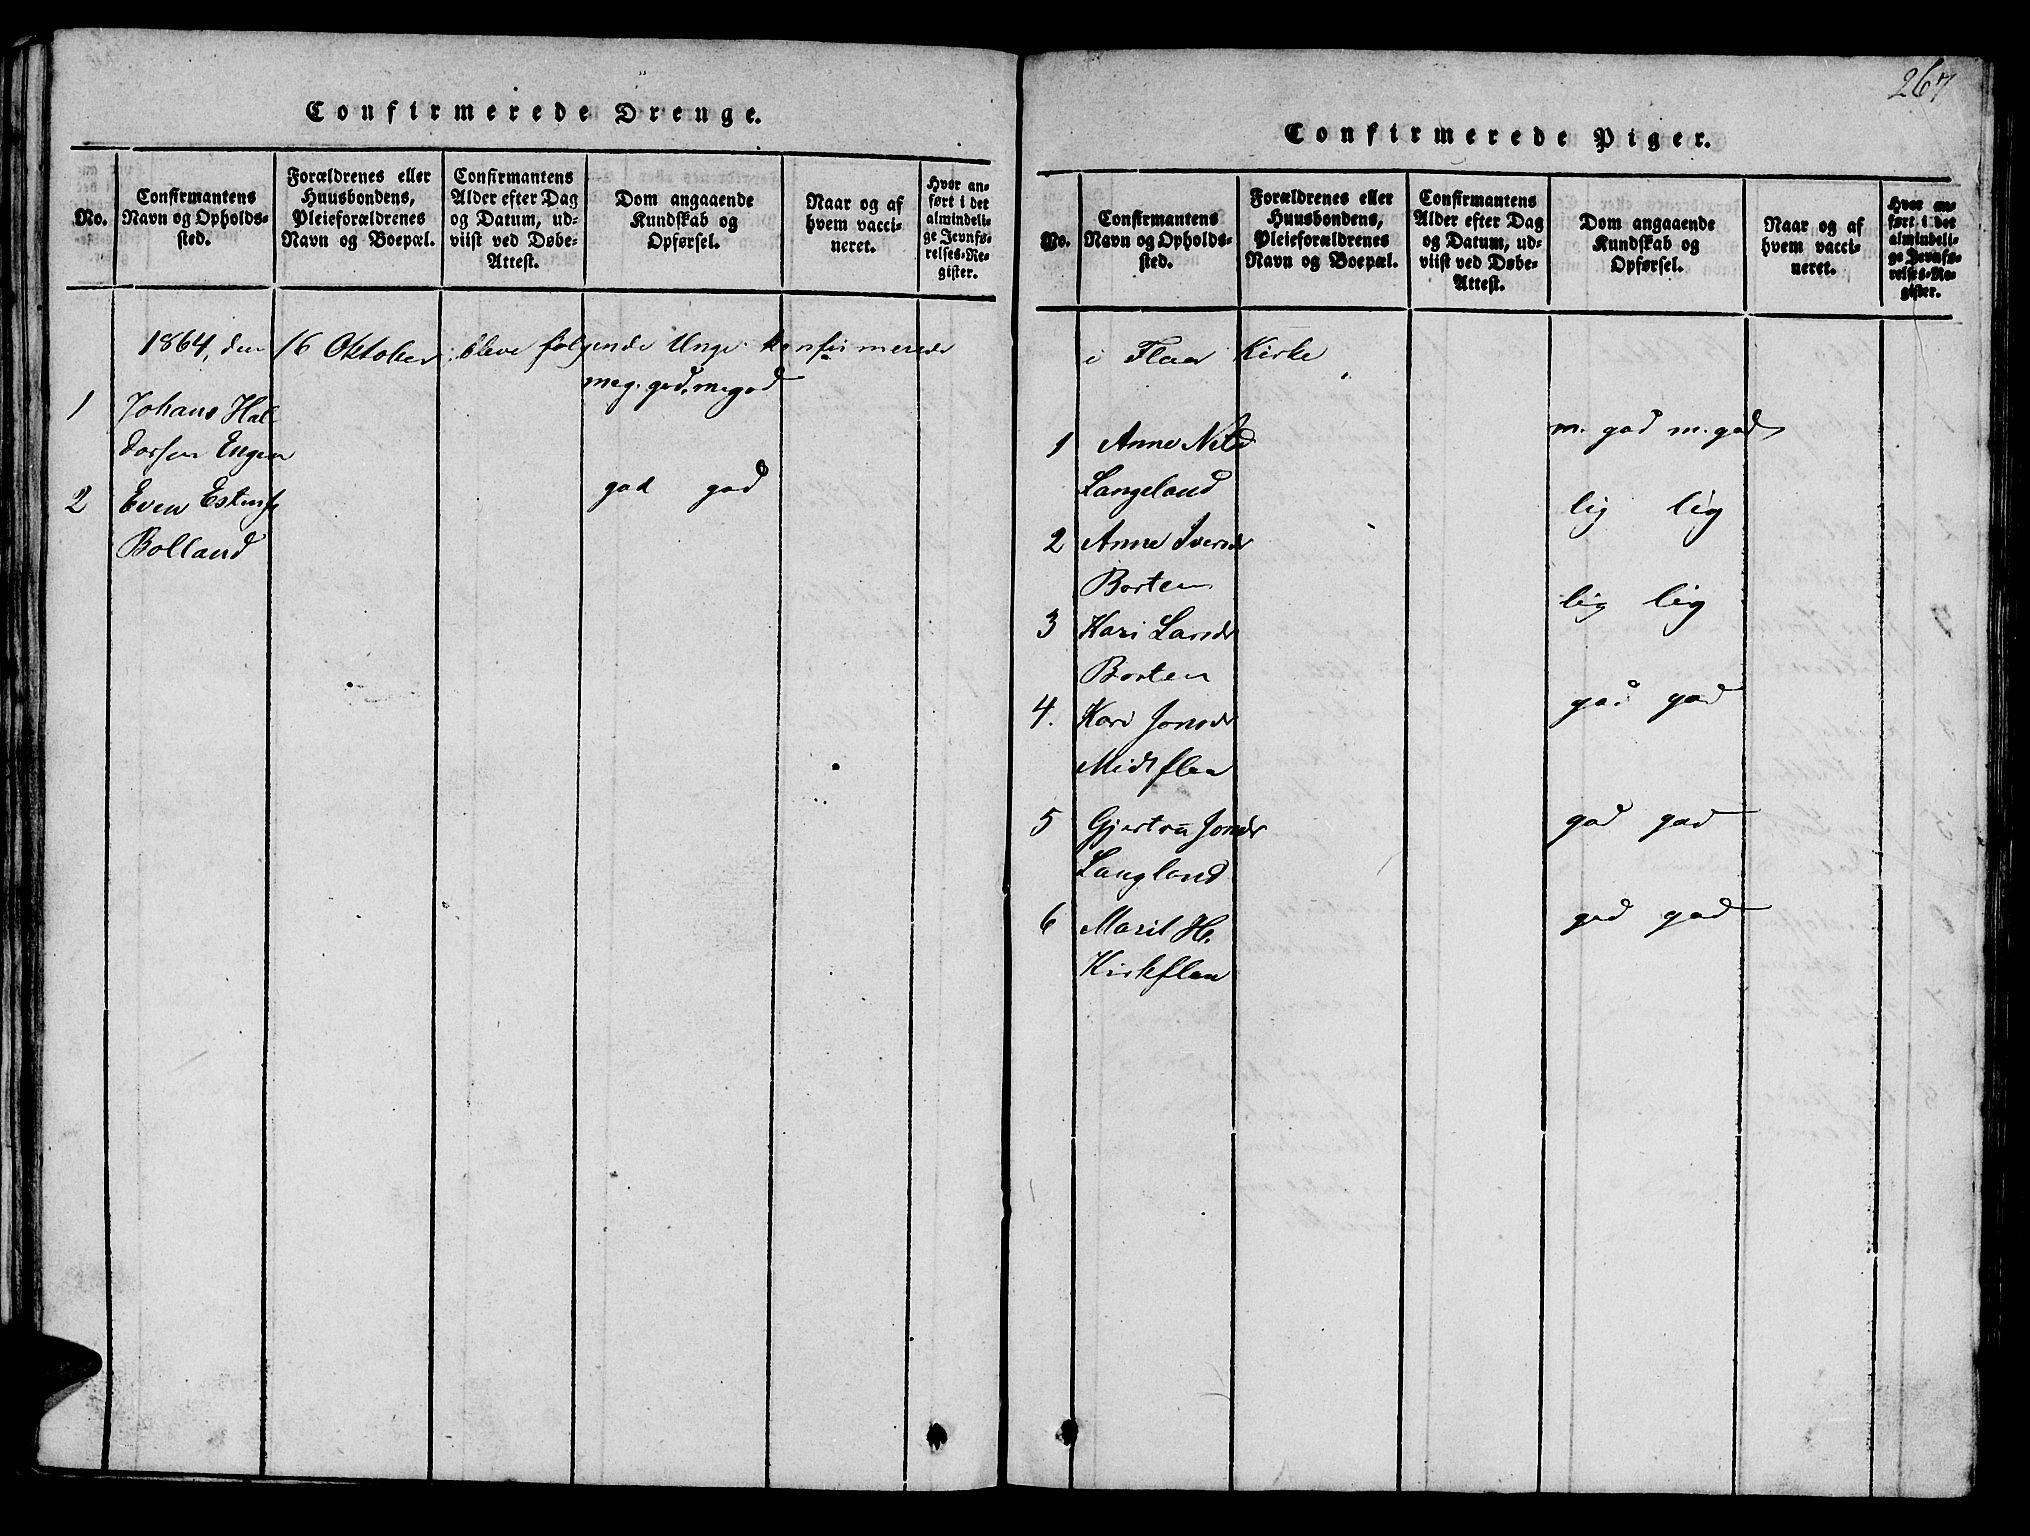 SAT, Ministerialprotokoller, klokkerbøker og fødselsregistre - Sør-Trøndelag, 693/L1121: Klokkerbok nr. 693C02, 1816-1869, s. 267